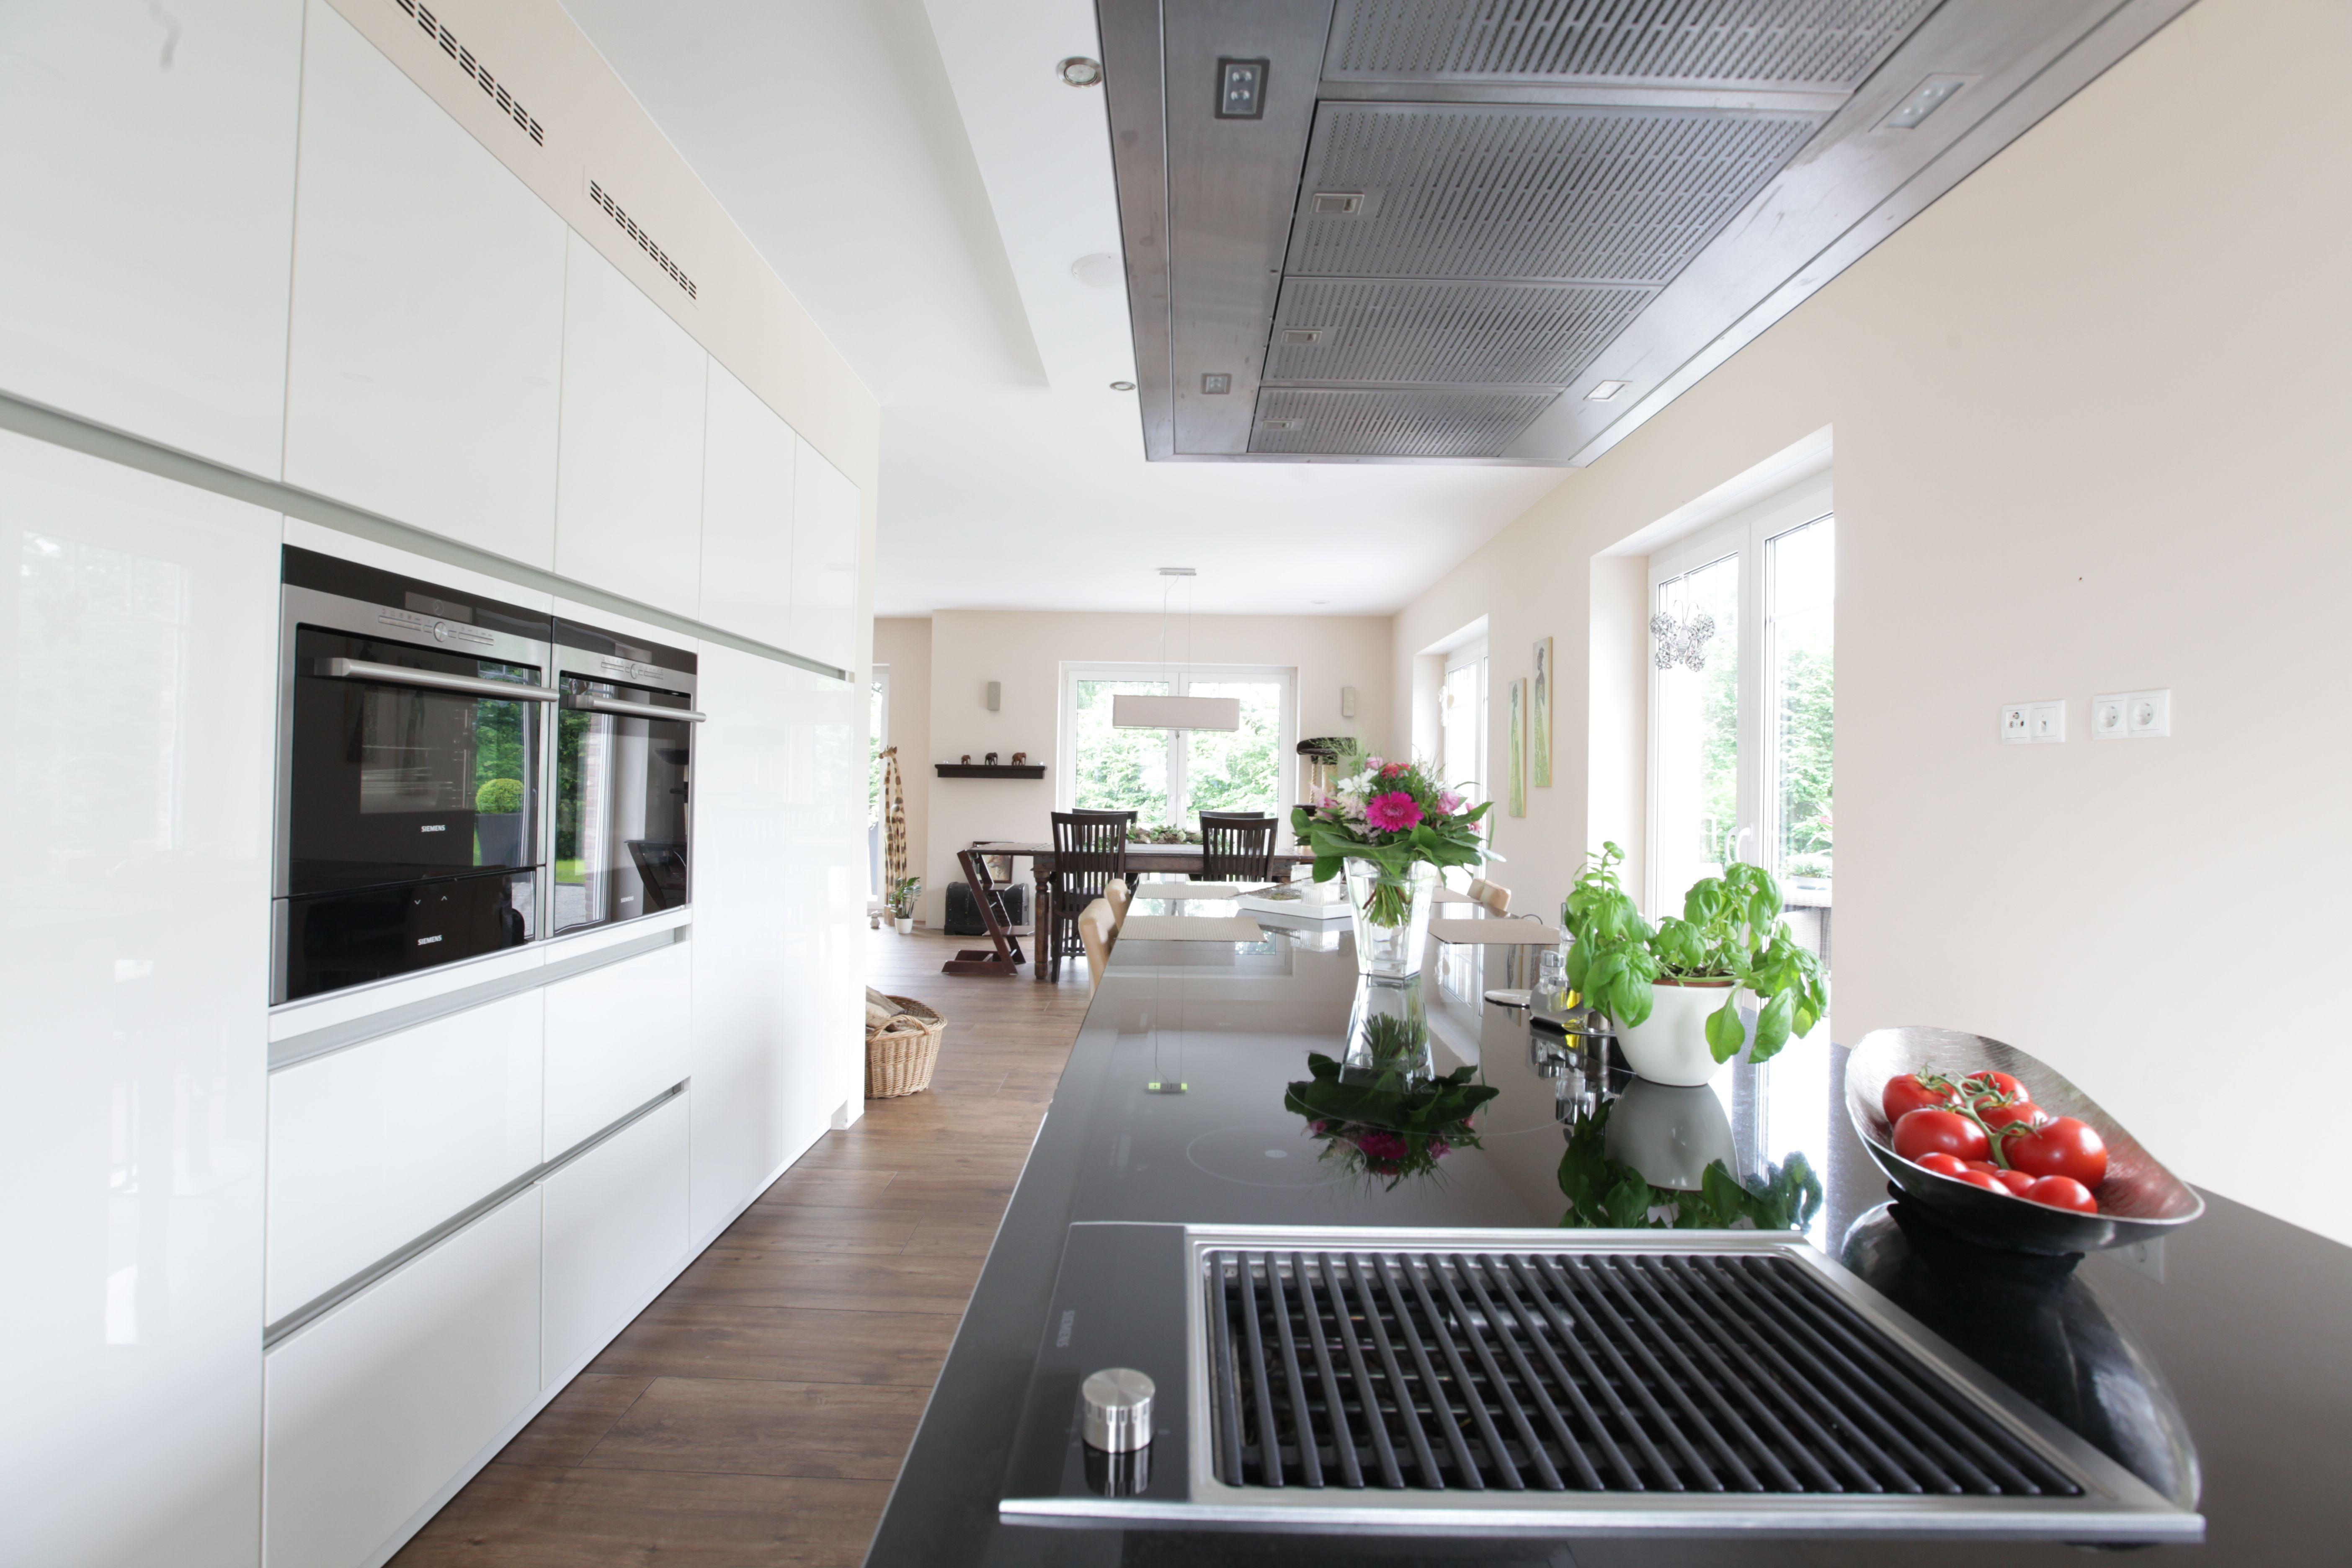 Atemberaubend Bau Kücheninsel Ab Lager Schrank Fotos - Ideen Für Die ...